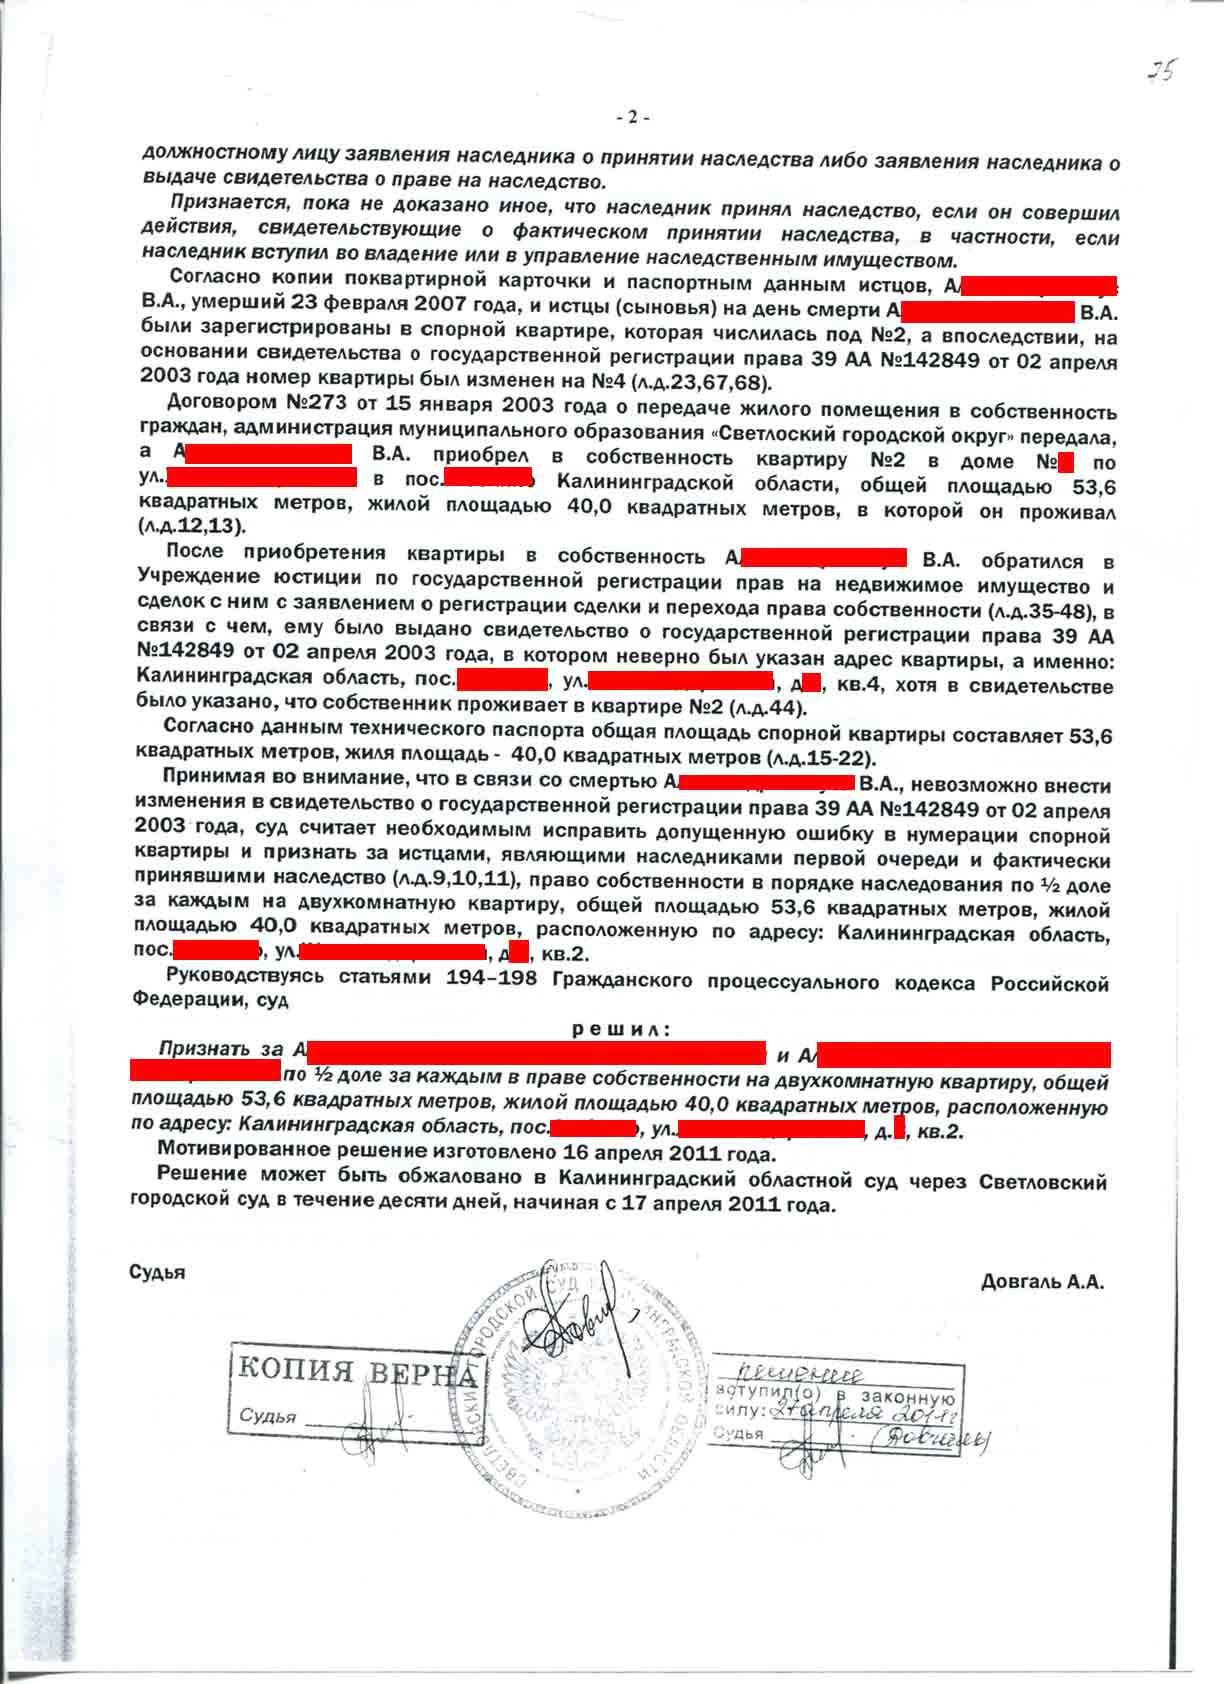 Расторжение договора по соглашению сторонобразец